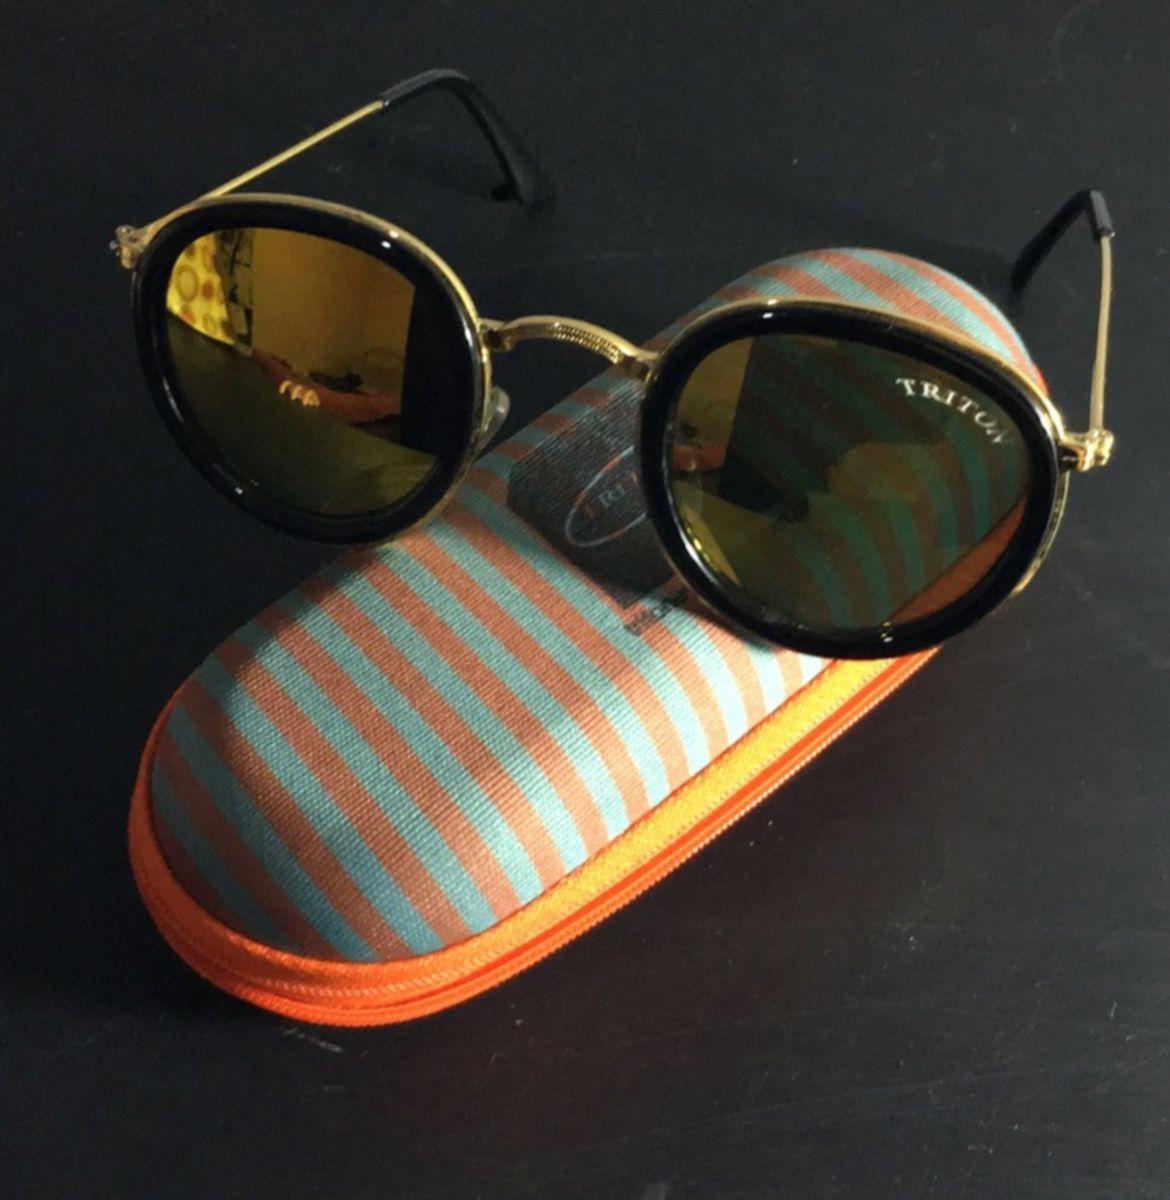 óculos escuro espelhado - óculos triton.  Czm6ly9wag90b3muzw5qb2vplmnvbs5ici9wcm9kdwn0cy84ndy0nzivotgymtiymddlmwm2n2izndzjztliodq5n2uyntdim2euanbn  ... 0c200b68bb